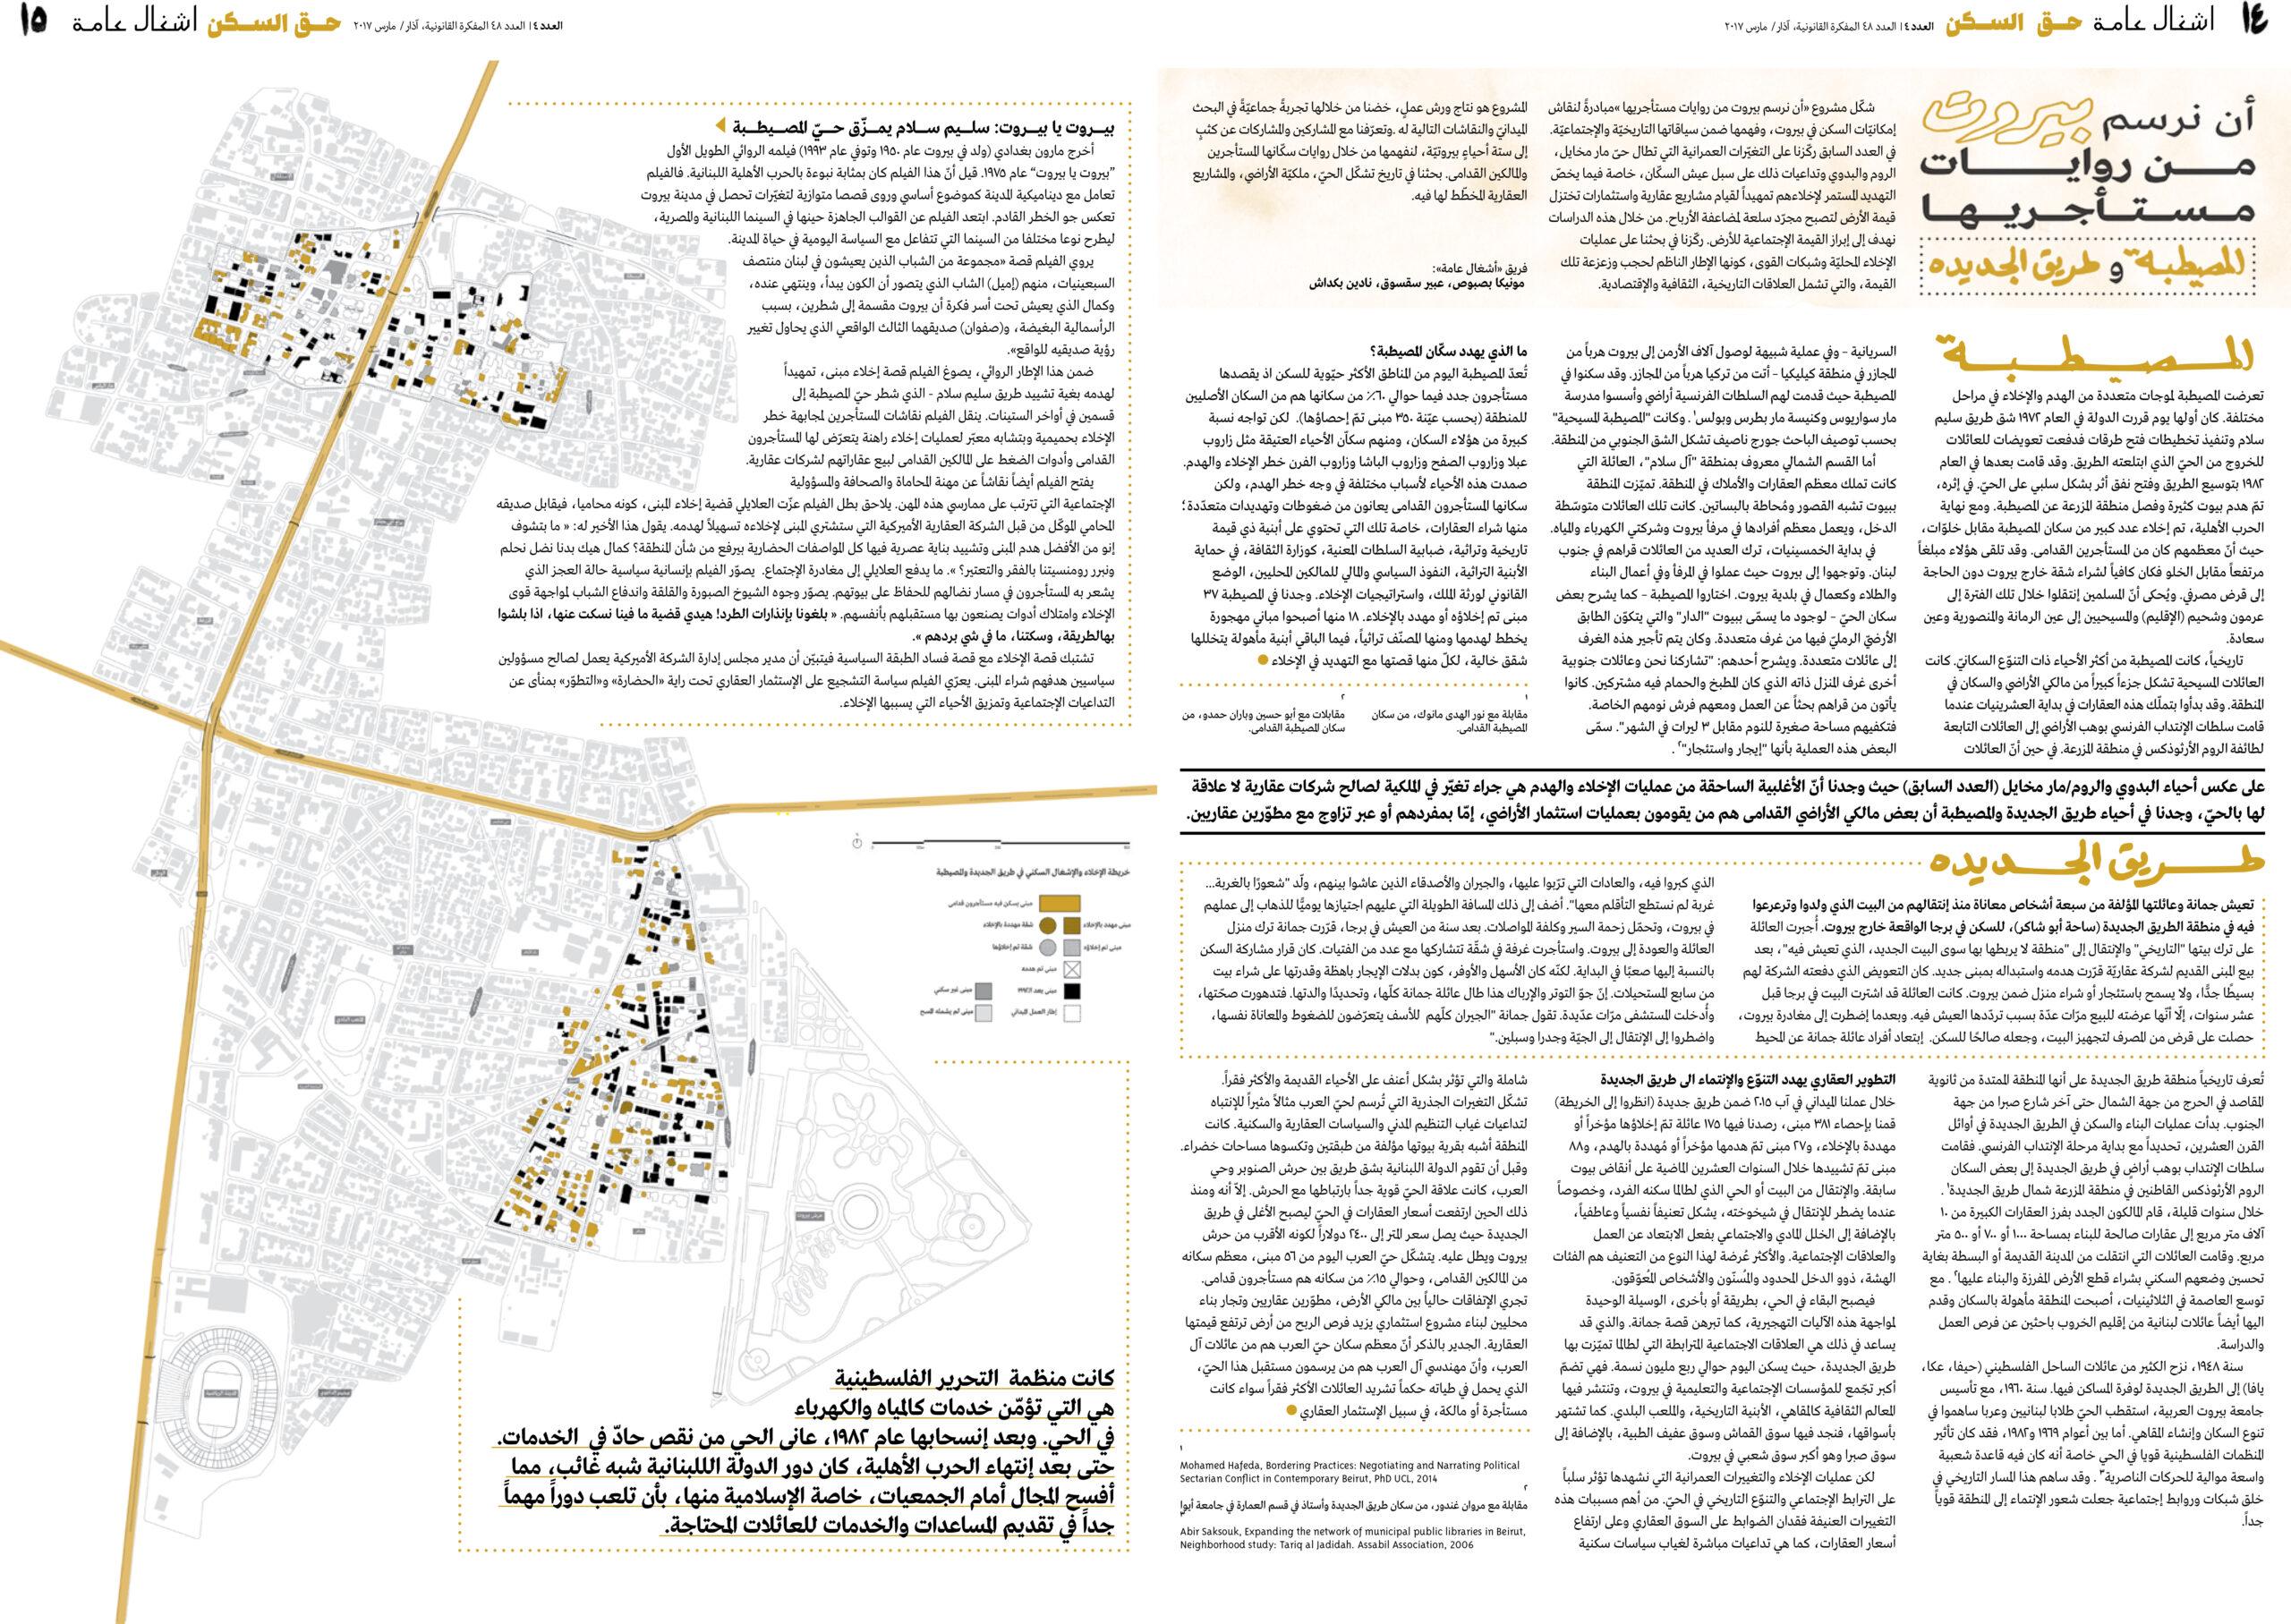 أن نرسم بيروت من روايات مستأجريها (2)